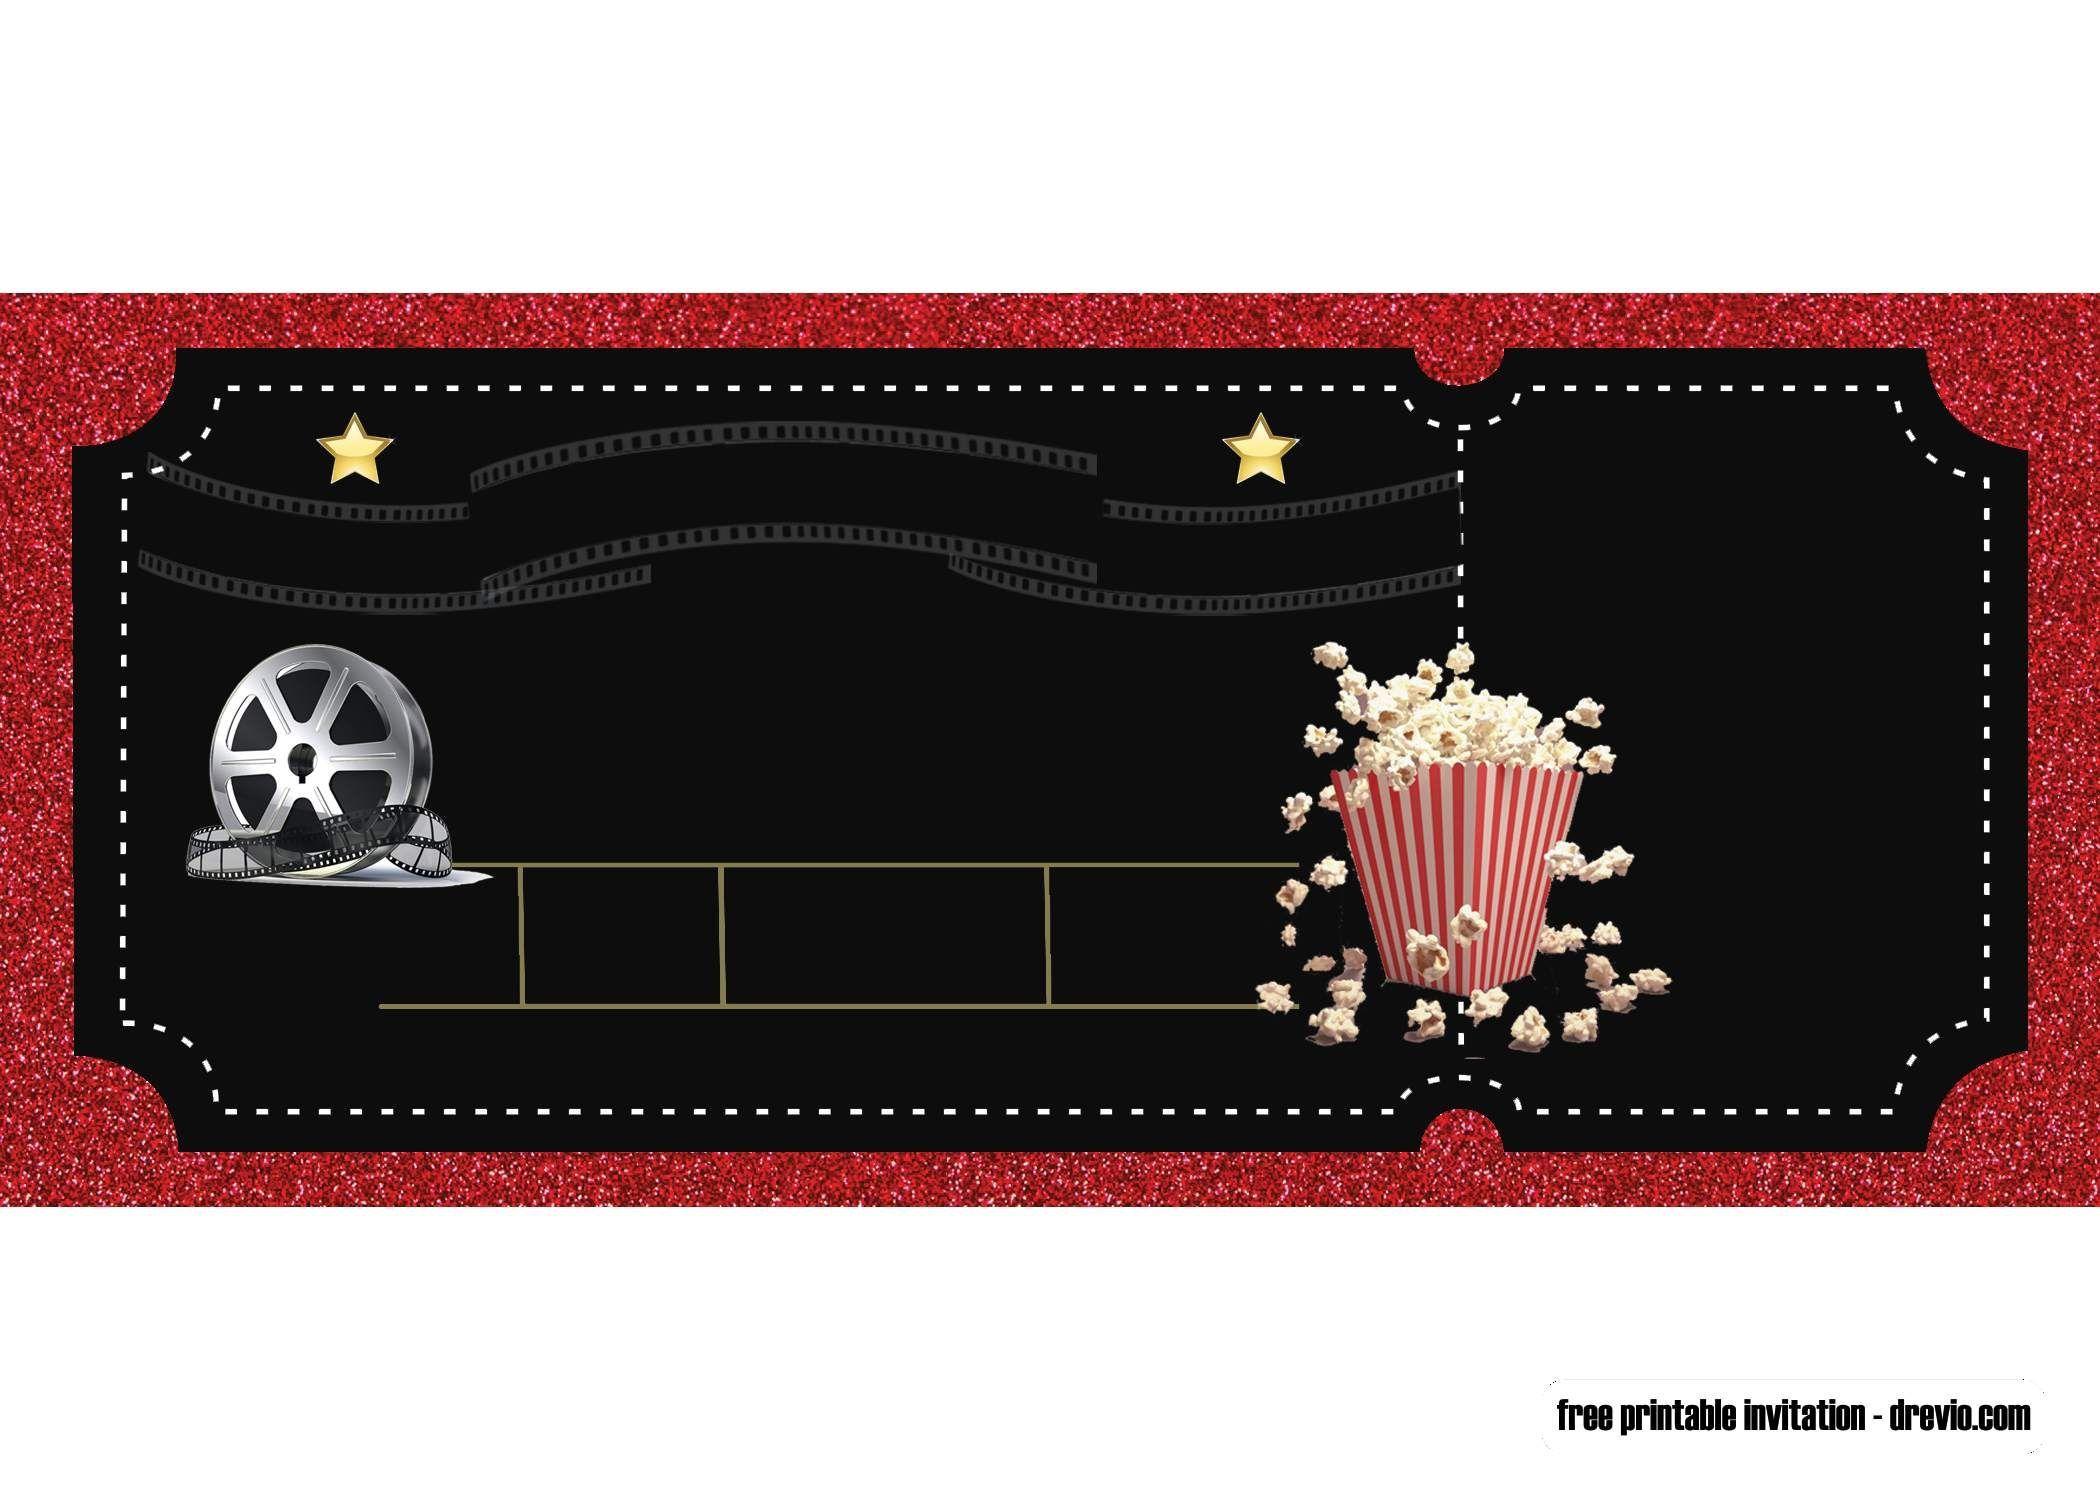 003 Simple Movie Ticket Invitation Template Sample  Blank Free Download Editable PrintableFull